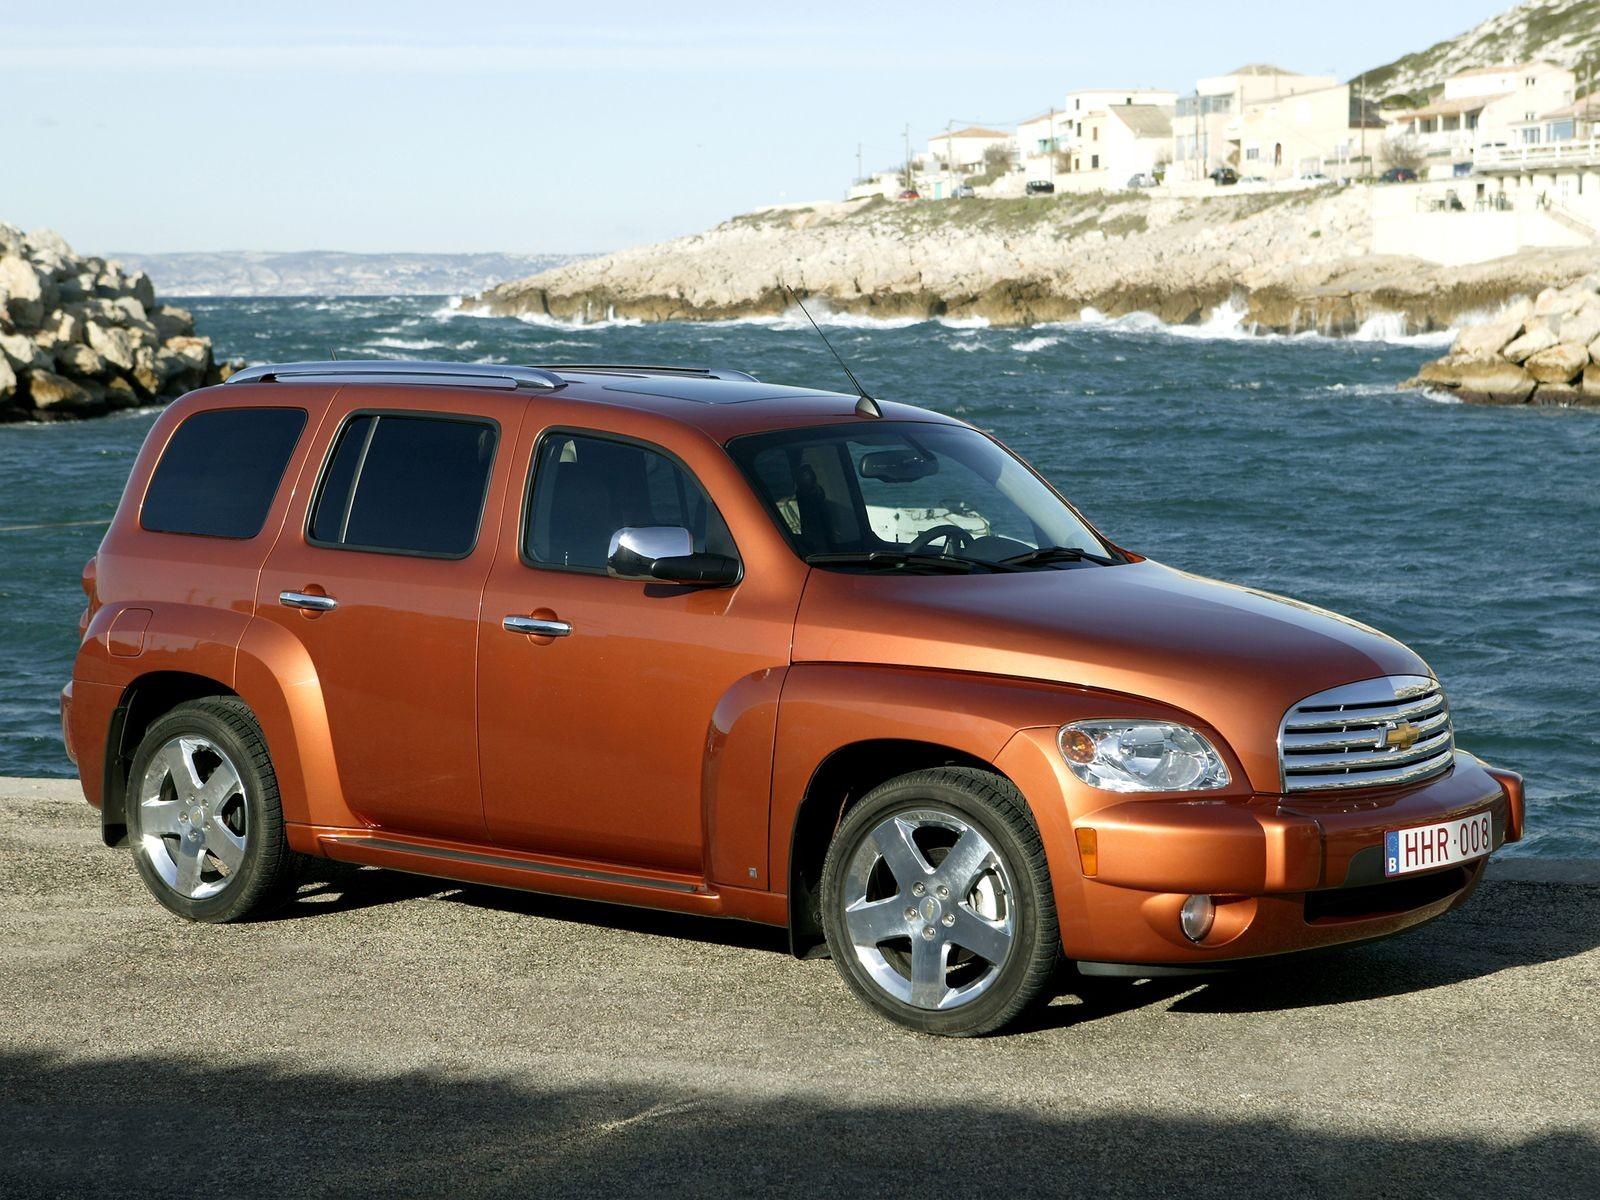 Особенности доступного неоретро: стоит ли покупать Chevrolet HHR за 500 тысяч рублей